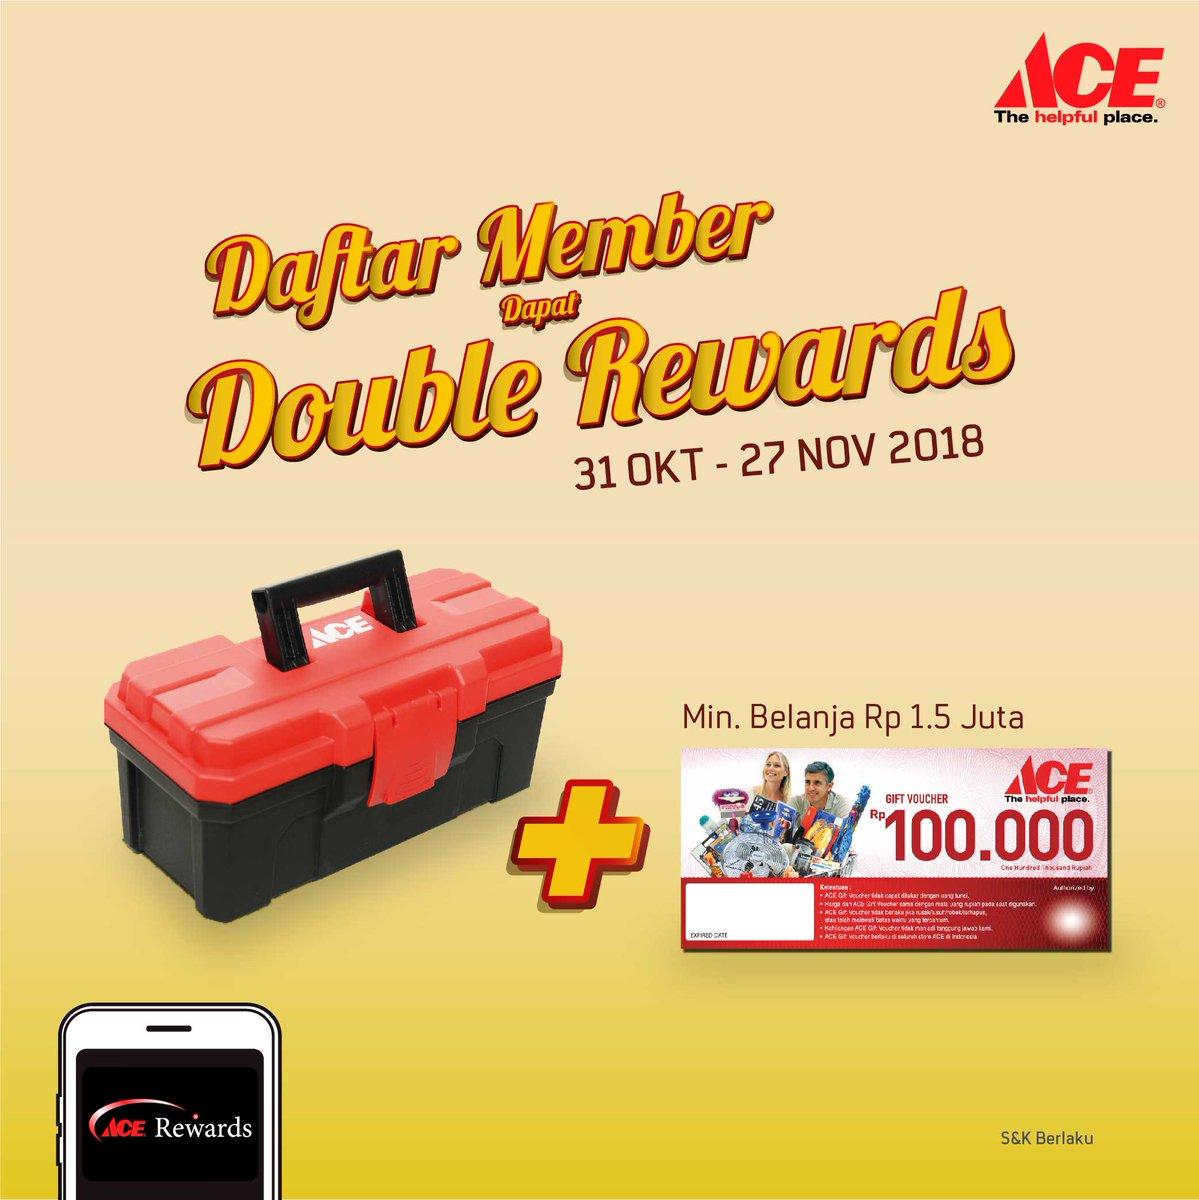 AceHardware - Promo Daftar Member Dapat Double Reward + Gift + Voucher 100 Ribu